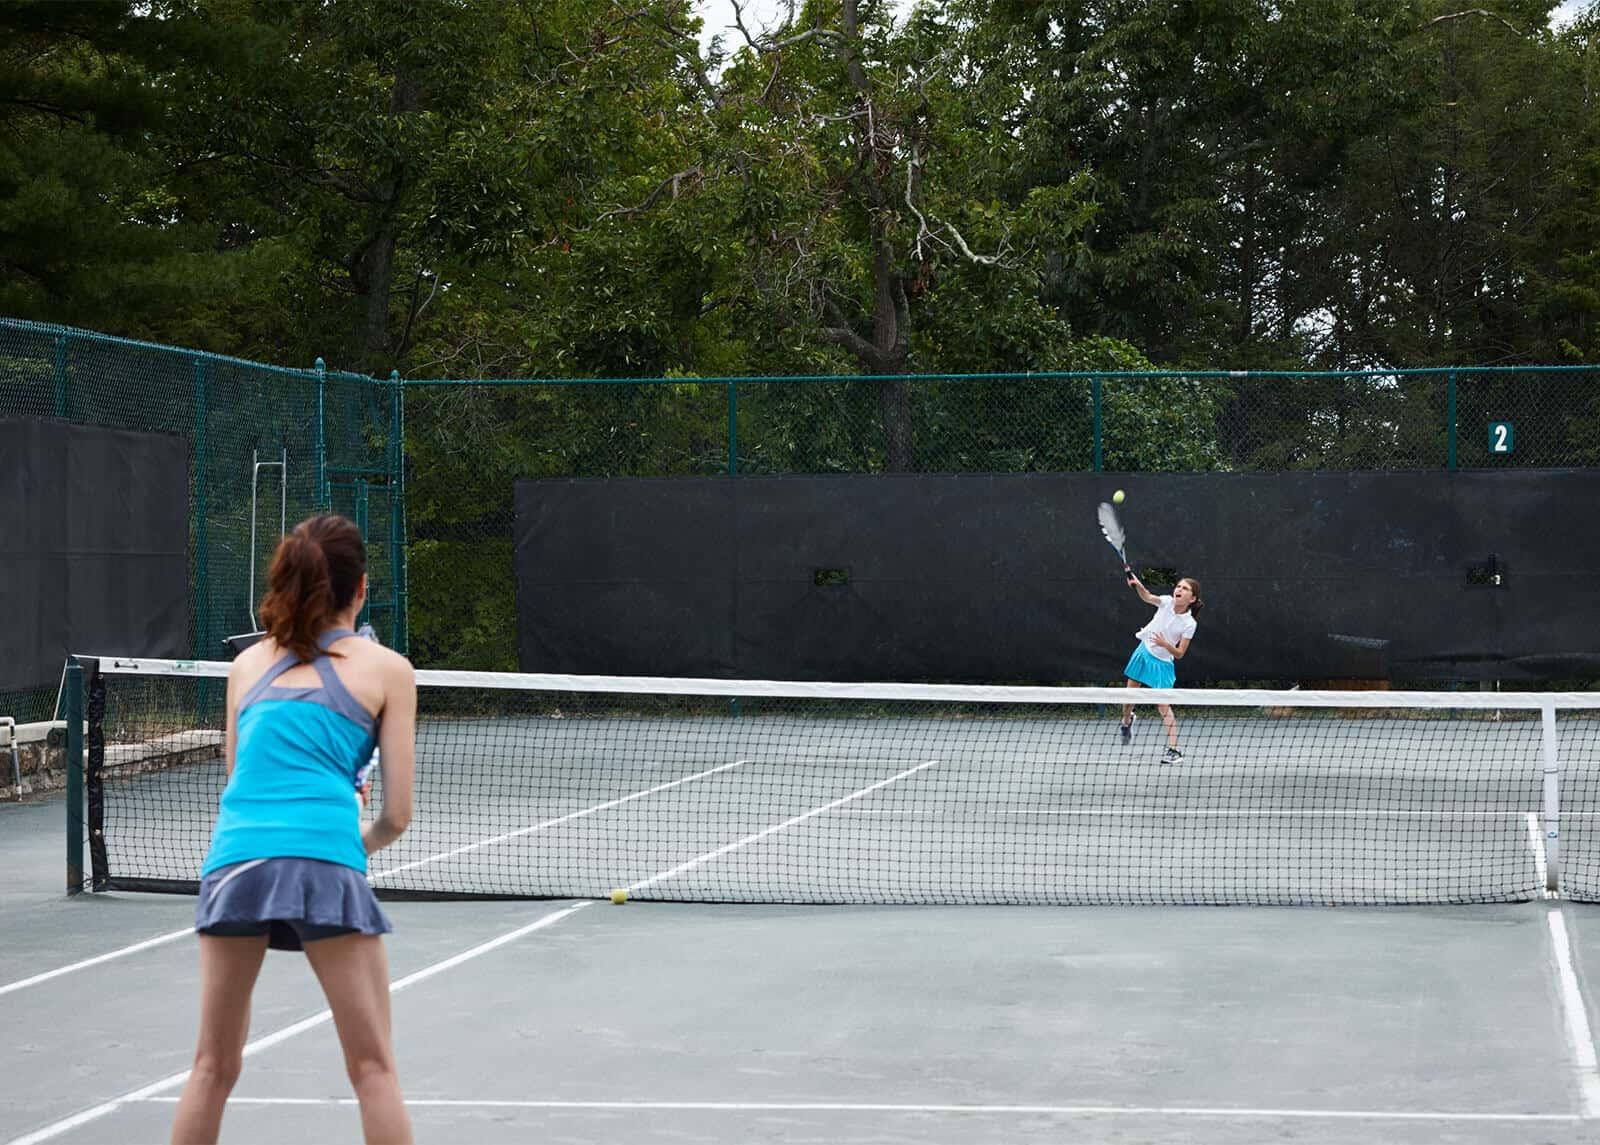 Tennis Outdoor Activities In Hudson Valley Mohonk